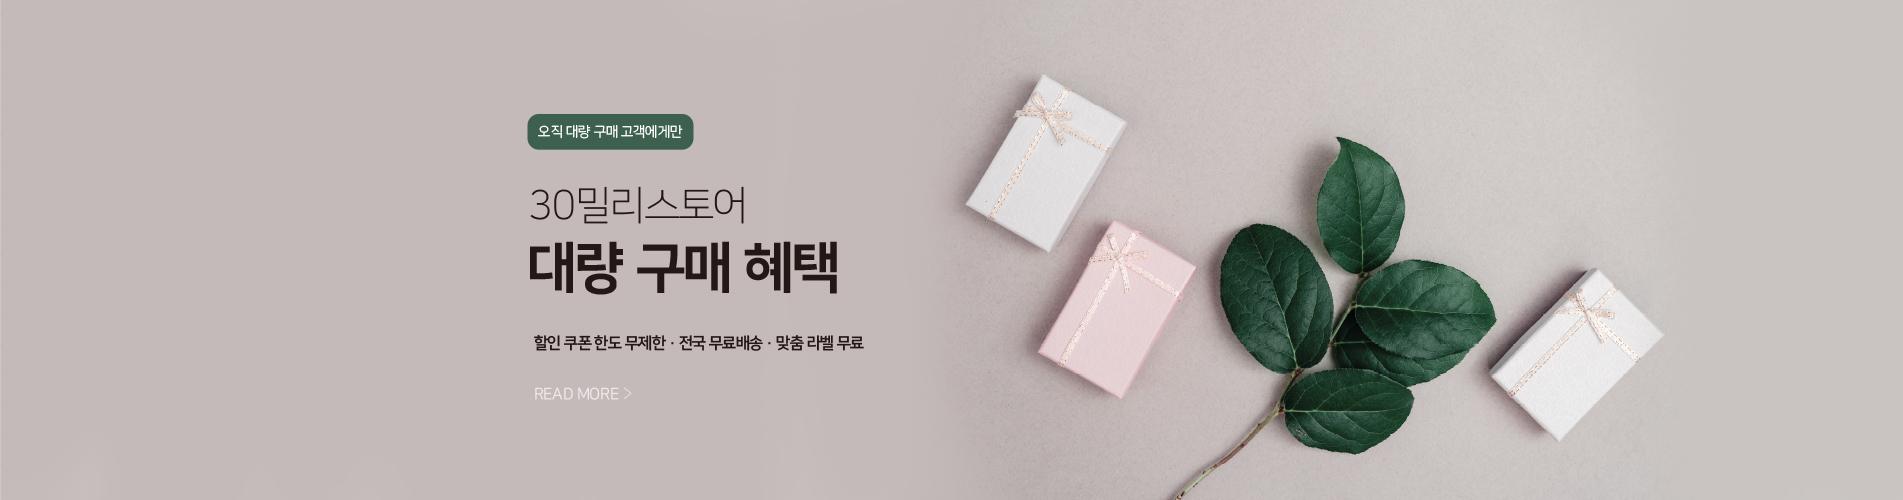 메인배너3-답례품 / 대량구매 문의